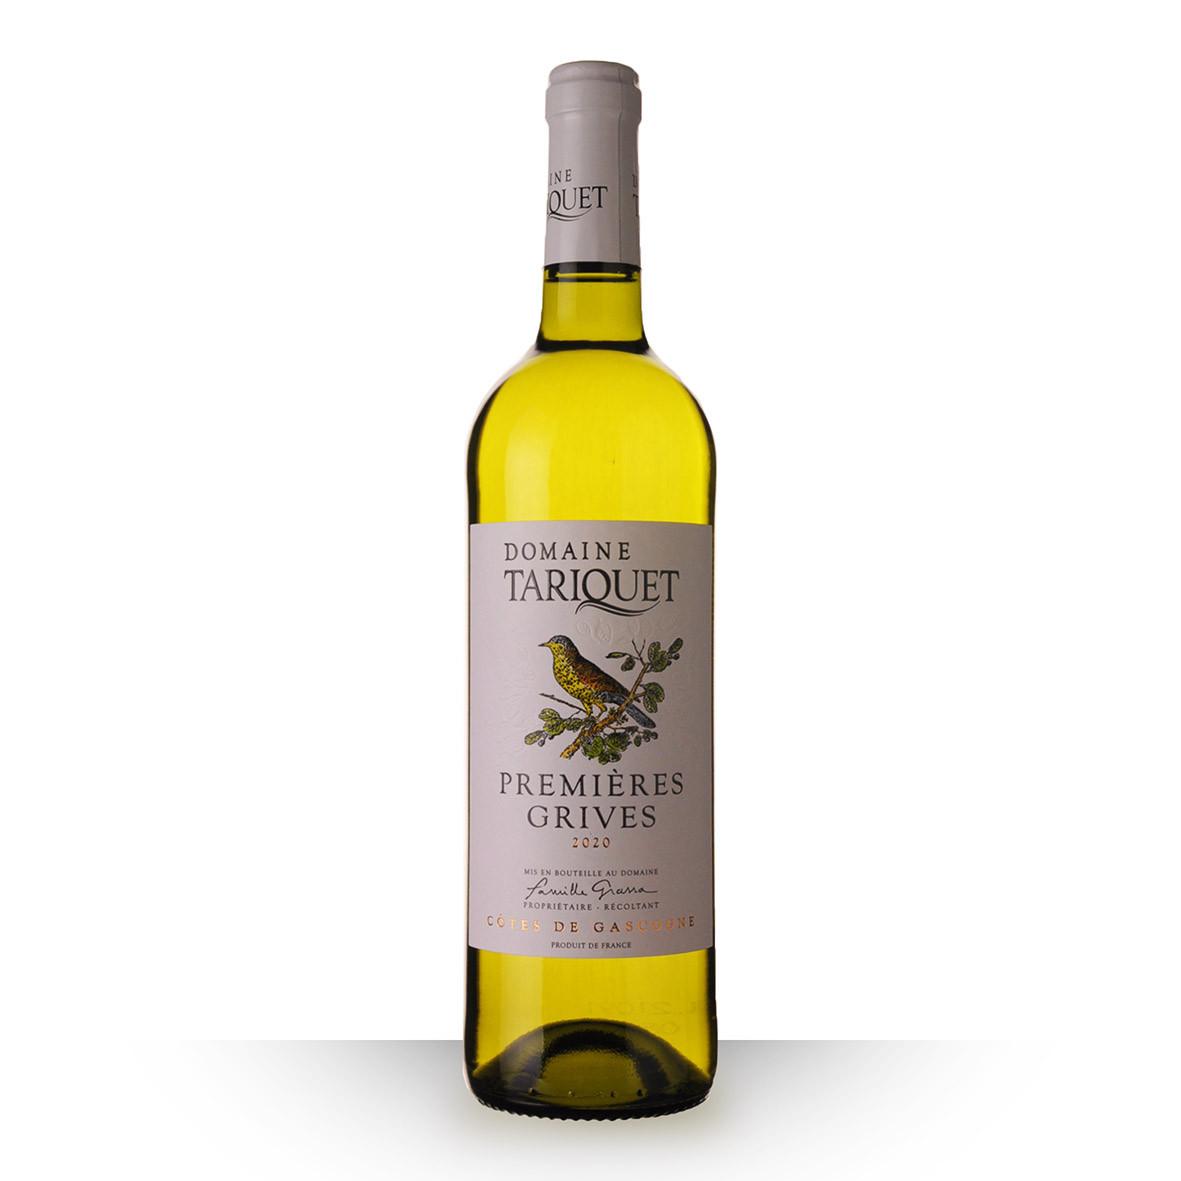 Domaine du Tariquet Premières grives Côtes de Gascogne Blanc 2020 75cl www.odyssee-vins.com